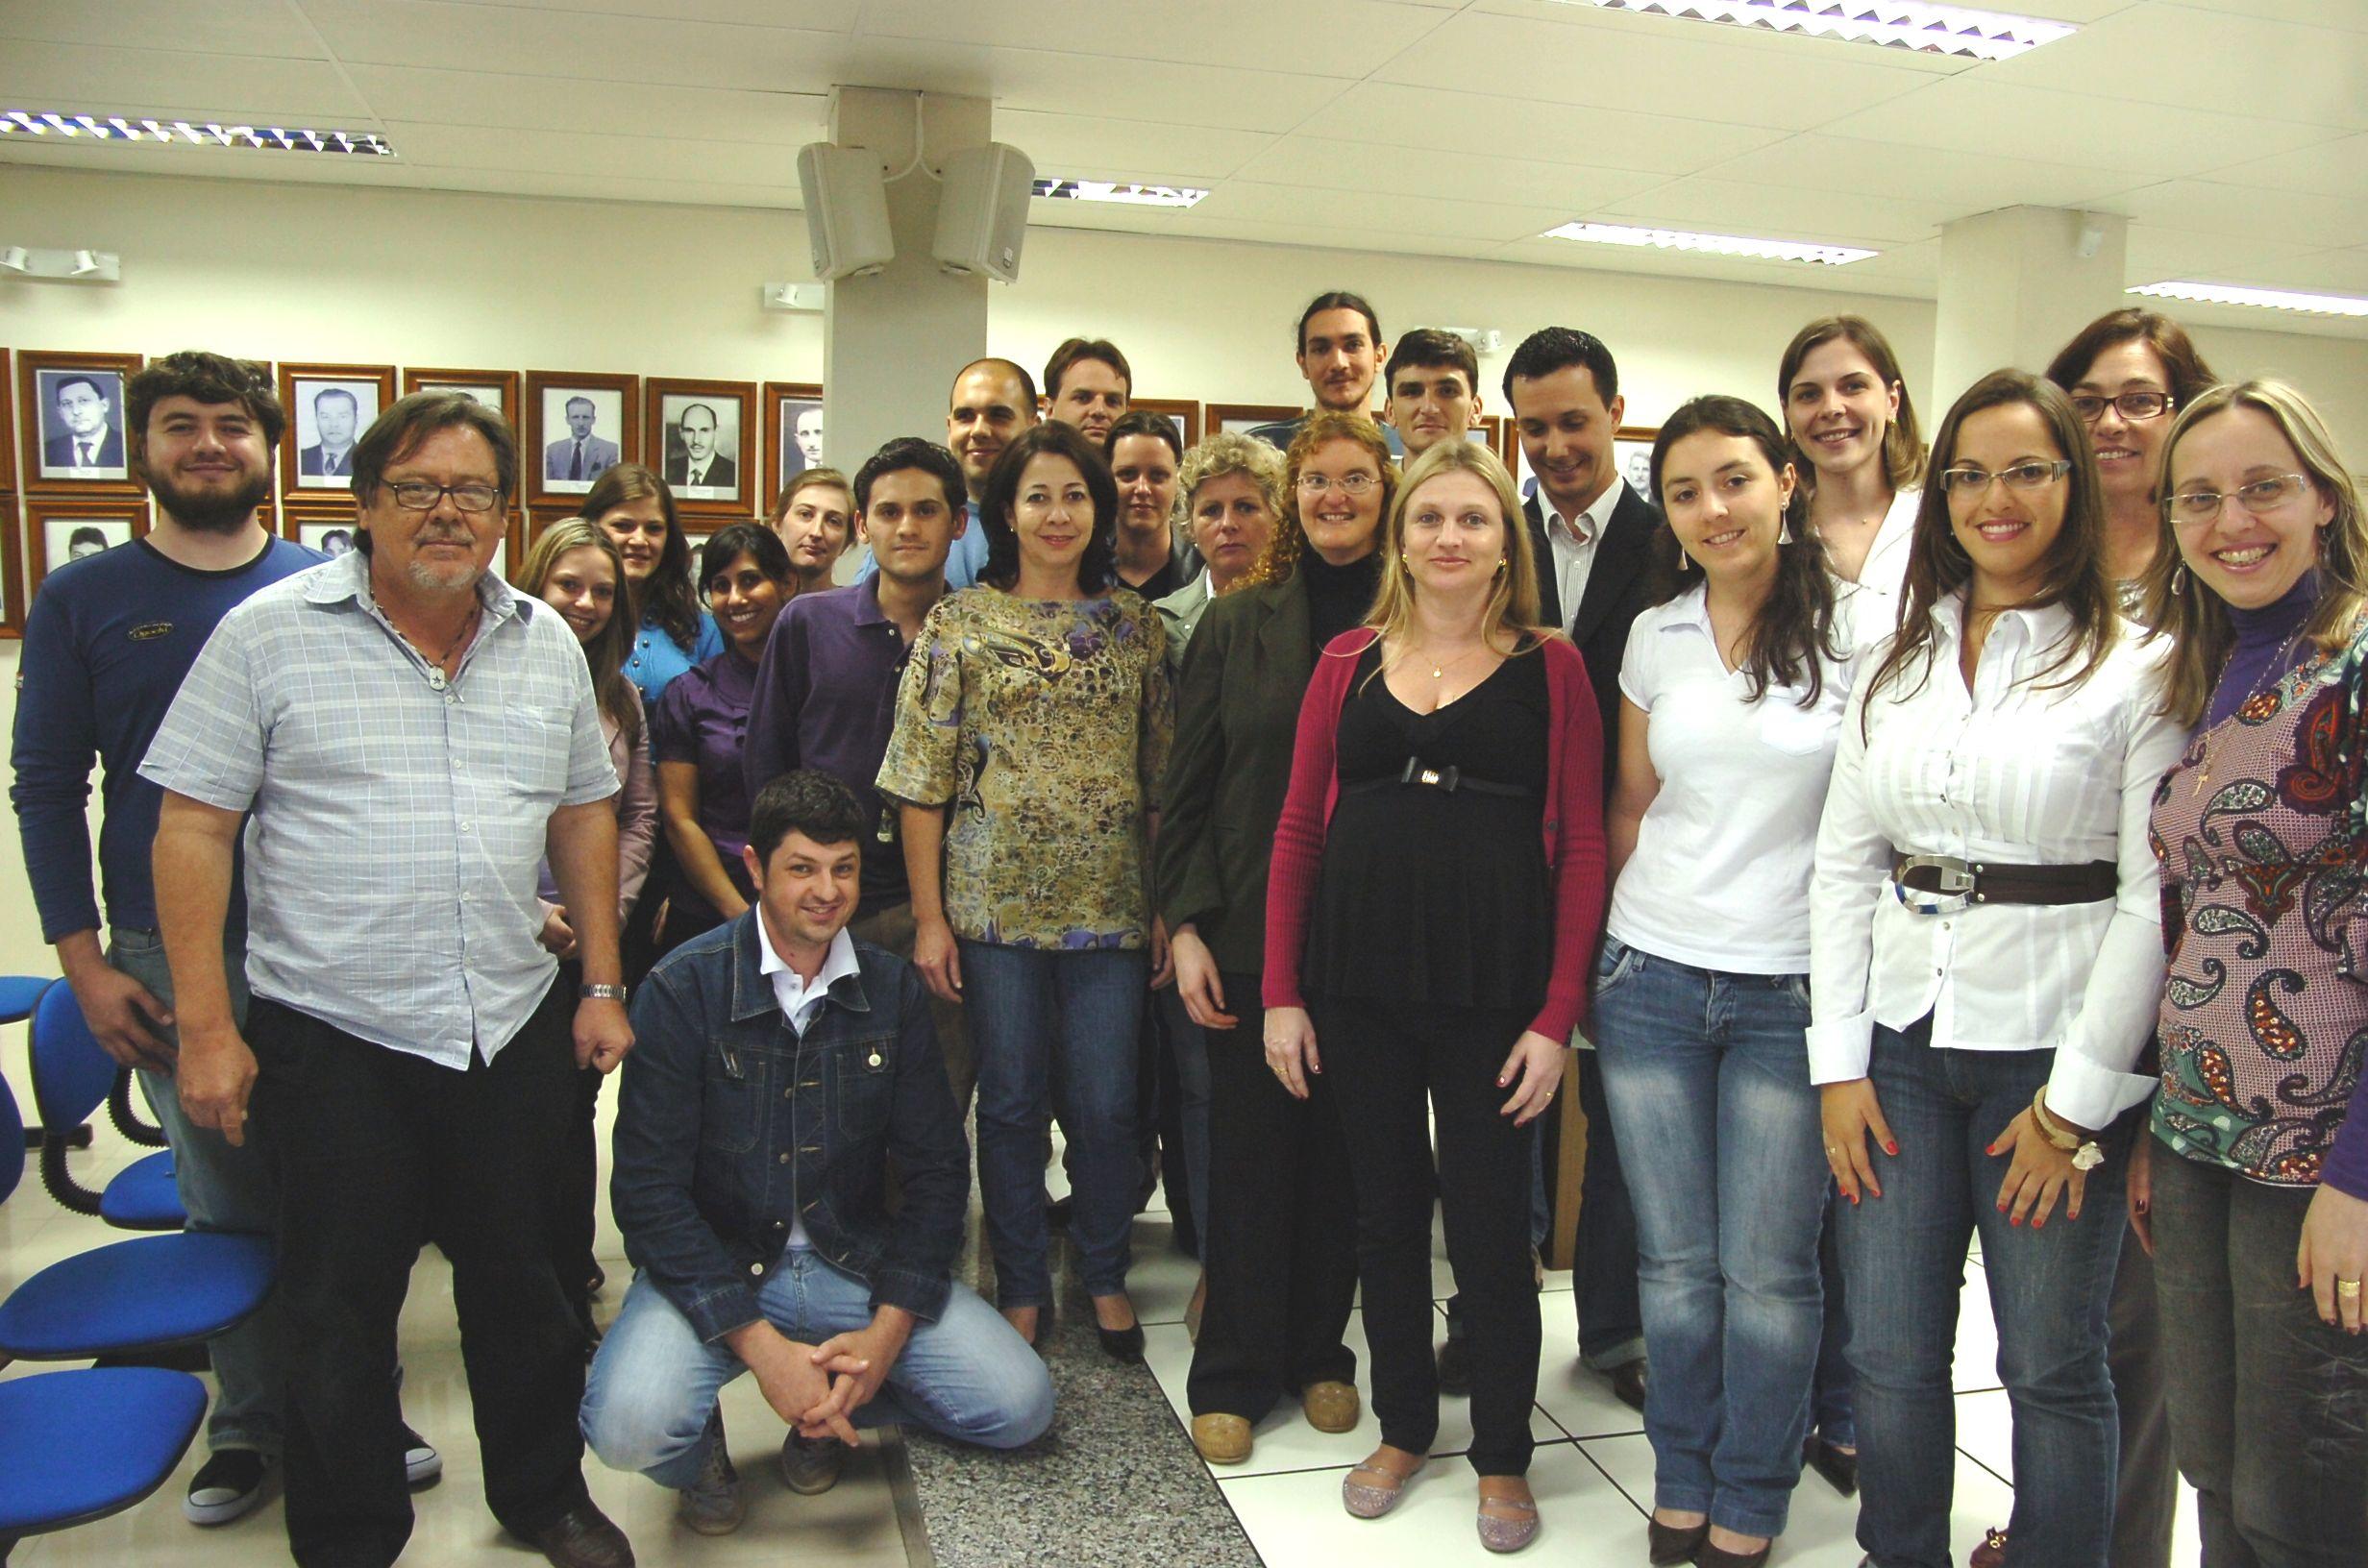 Servidores do Campus participam em ato de lançamento do curso superior de Tecnologia em Processos Gerenciais, na Câmara de Vereadores de Feliz. Data: 13 de dezembro de 2010